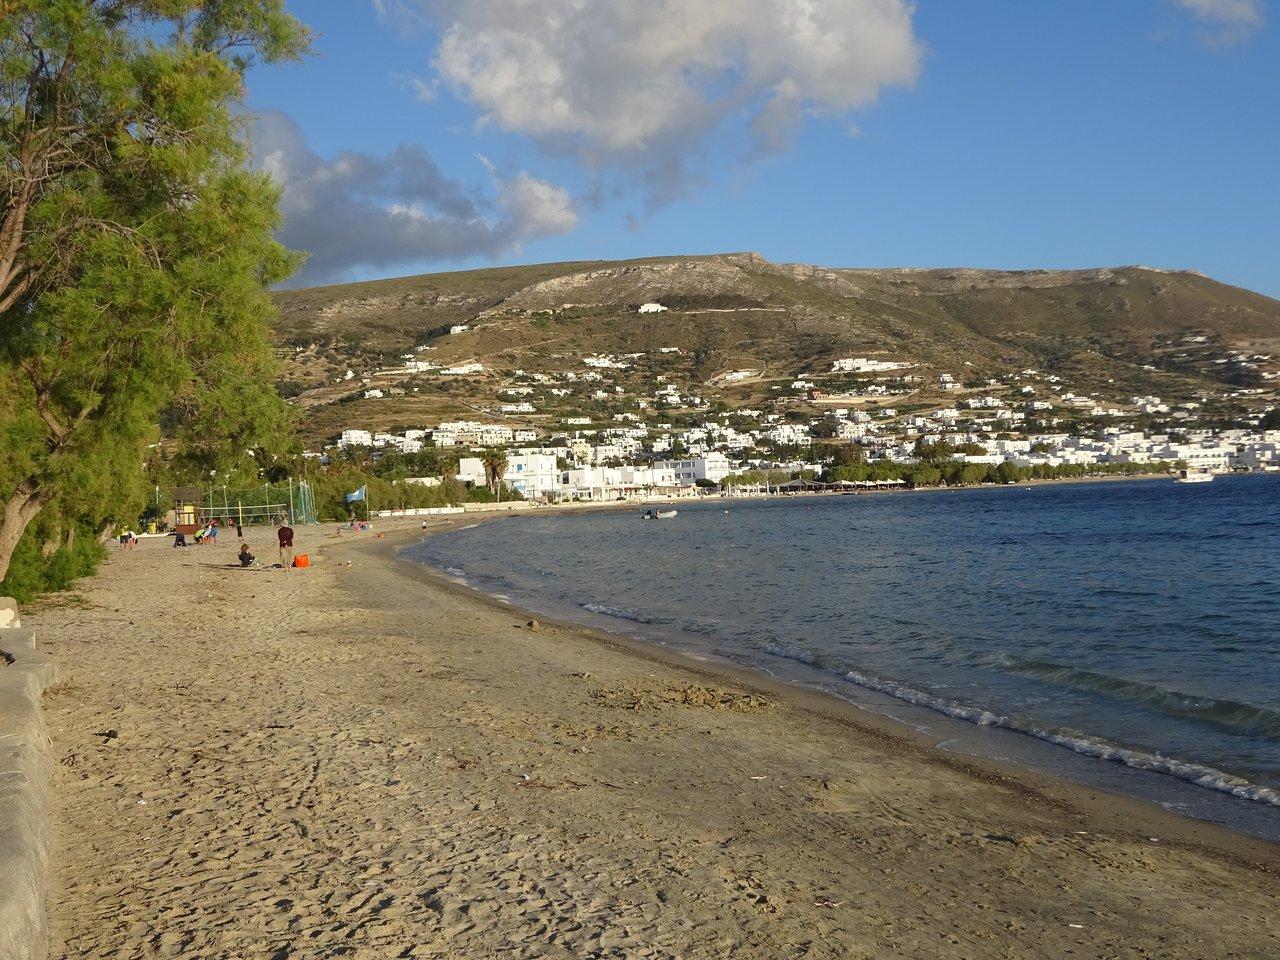 Παραλία Λιβάδια (Παροικιά, Ελλάδα) - Κριτικές - Tripadvisor